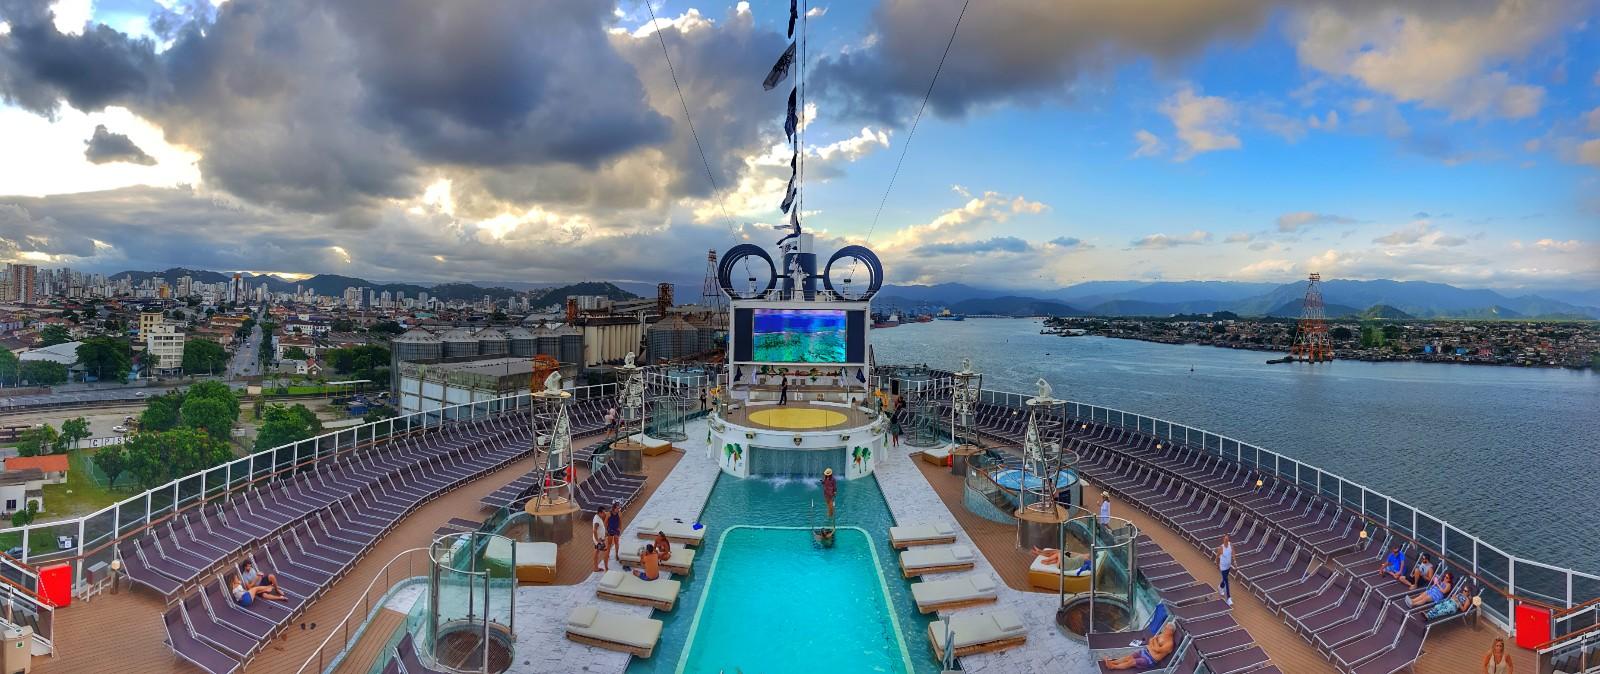 43+ Msc Seaview Cruises 2019  Pics